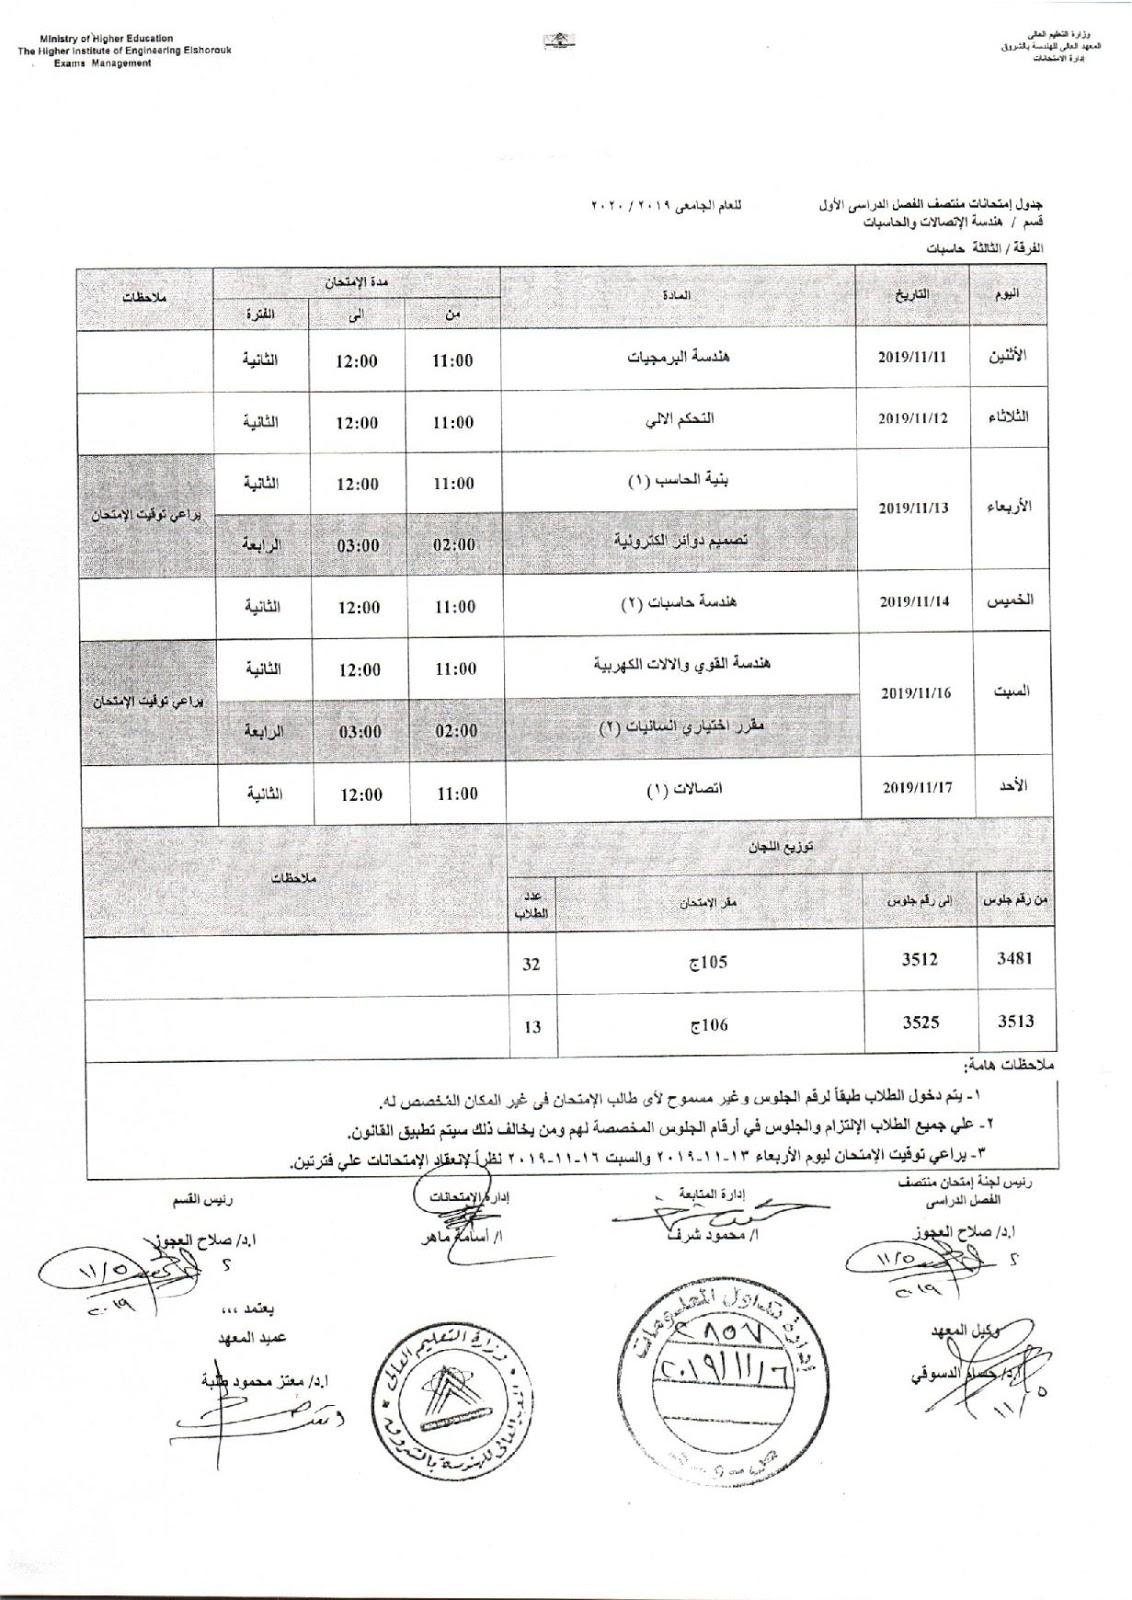 جدول امتحانات ثالثة اتصالات تخصص حاسبات هندسة الشروق الميدترم 2019-2020